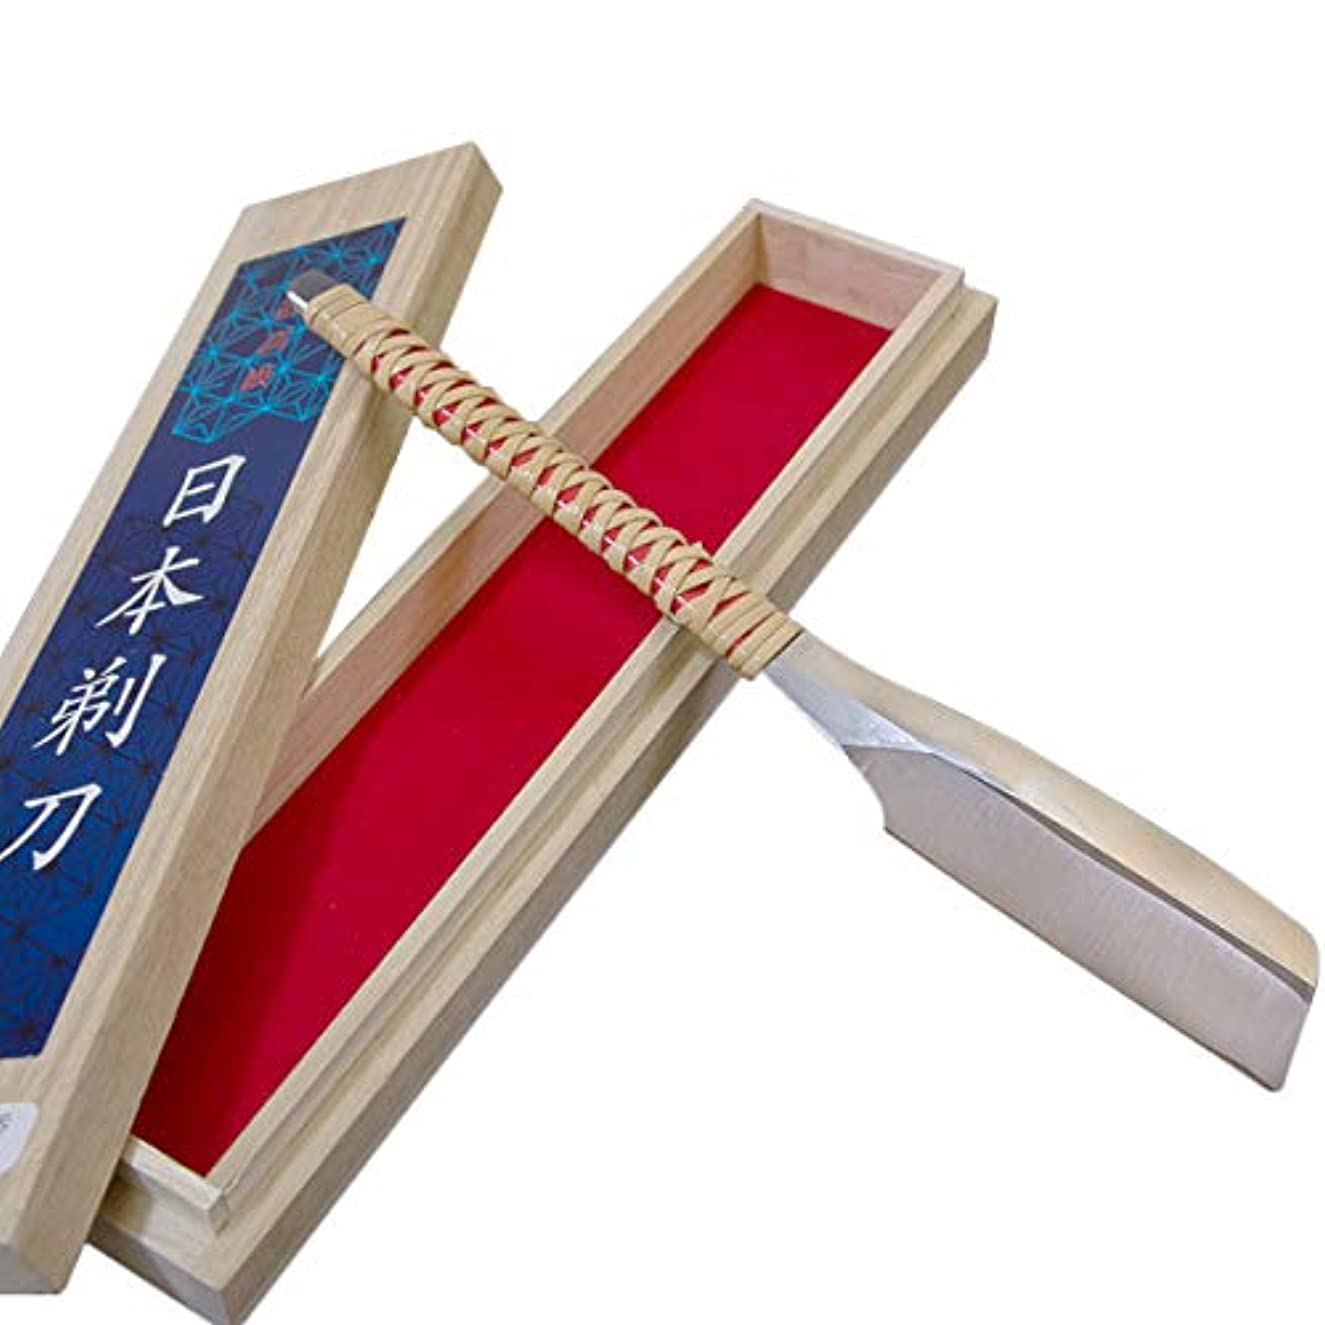 異常な間違いプレーヤー日本製 日本かみそり(剃刀 カミソリ) 桐箱 藤巻#12000 本刃付 床屋,理容室,舞妓さんに!